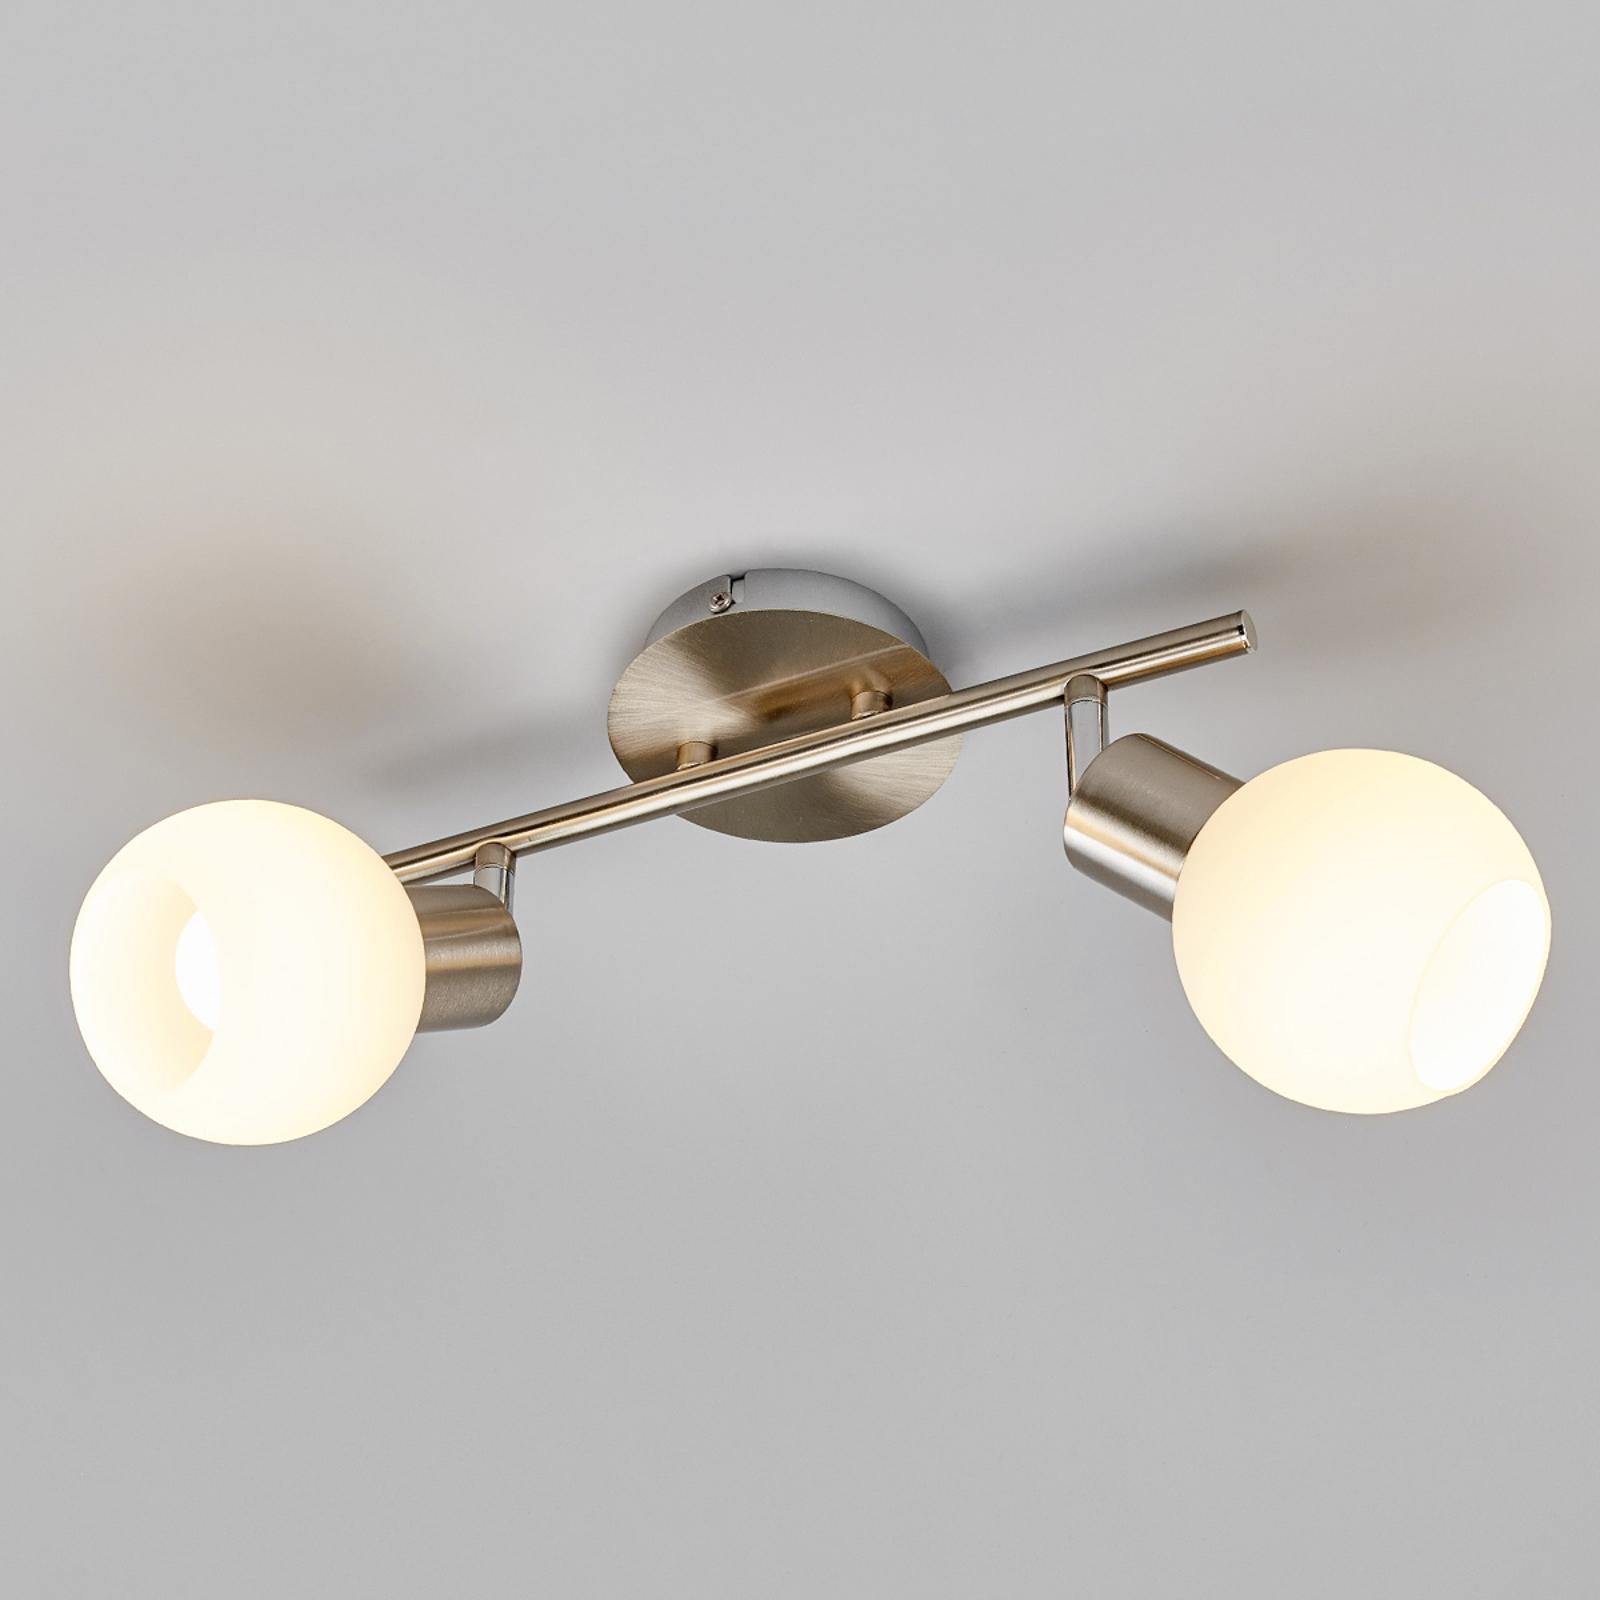 LED-Deckenlampe Elaina 2-flg., nickel matt